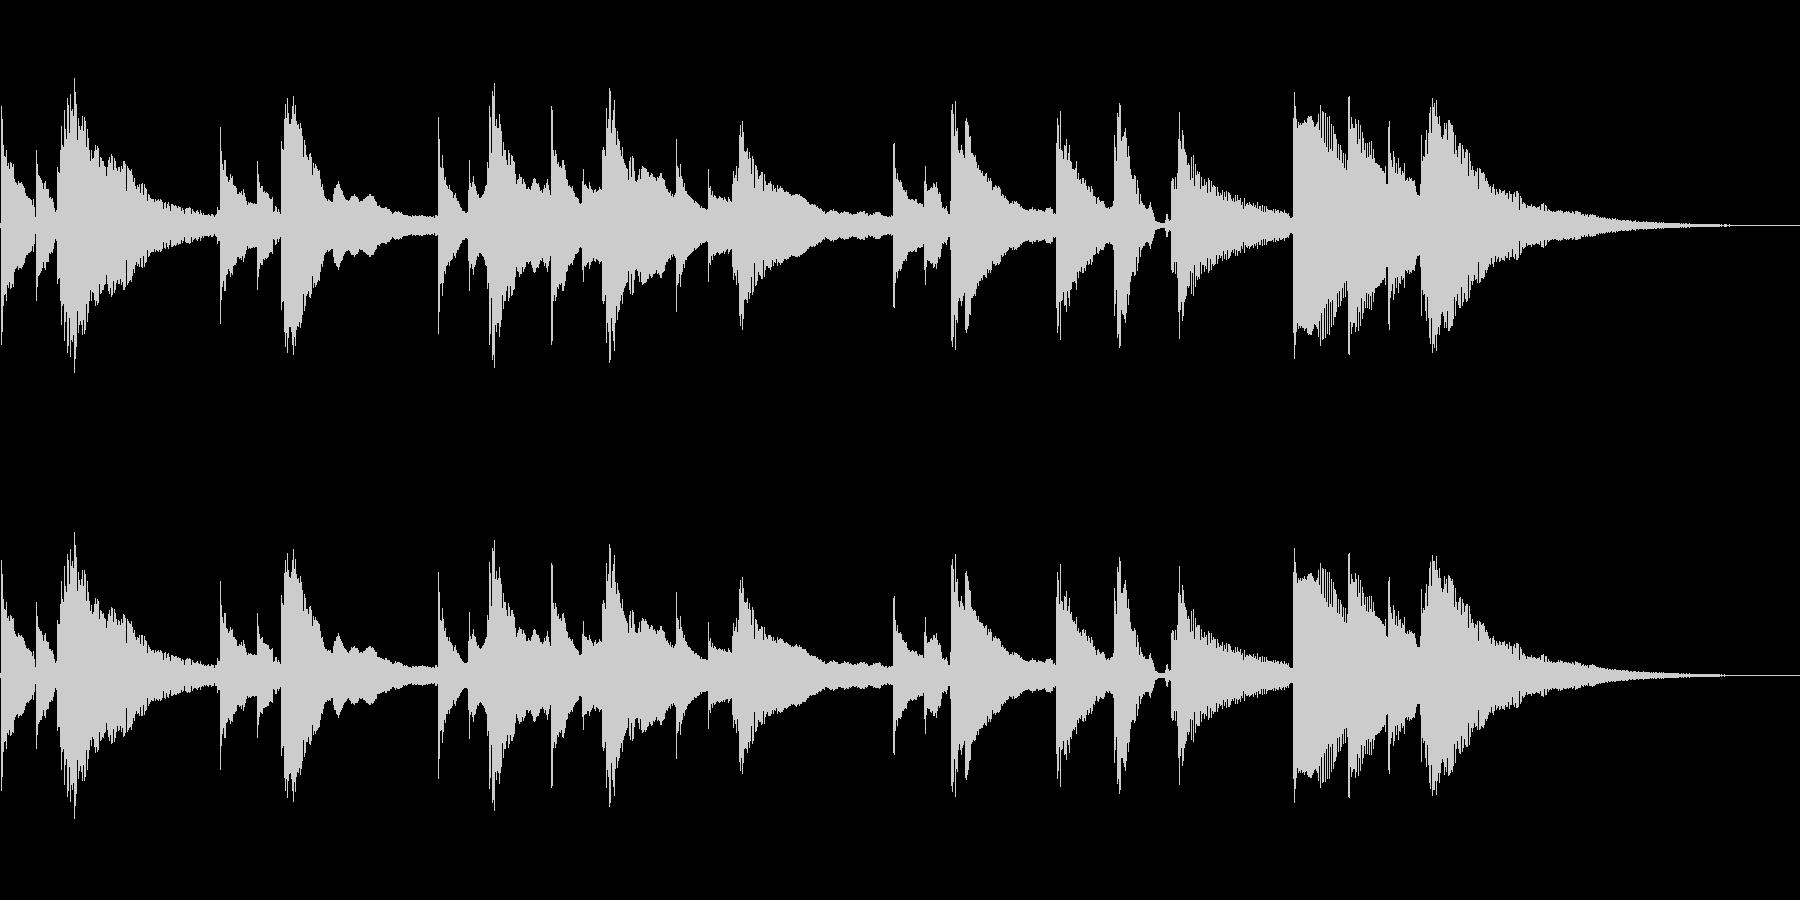 アコースティックギター:ラストポス...の未再生の波形